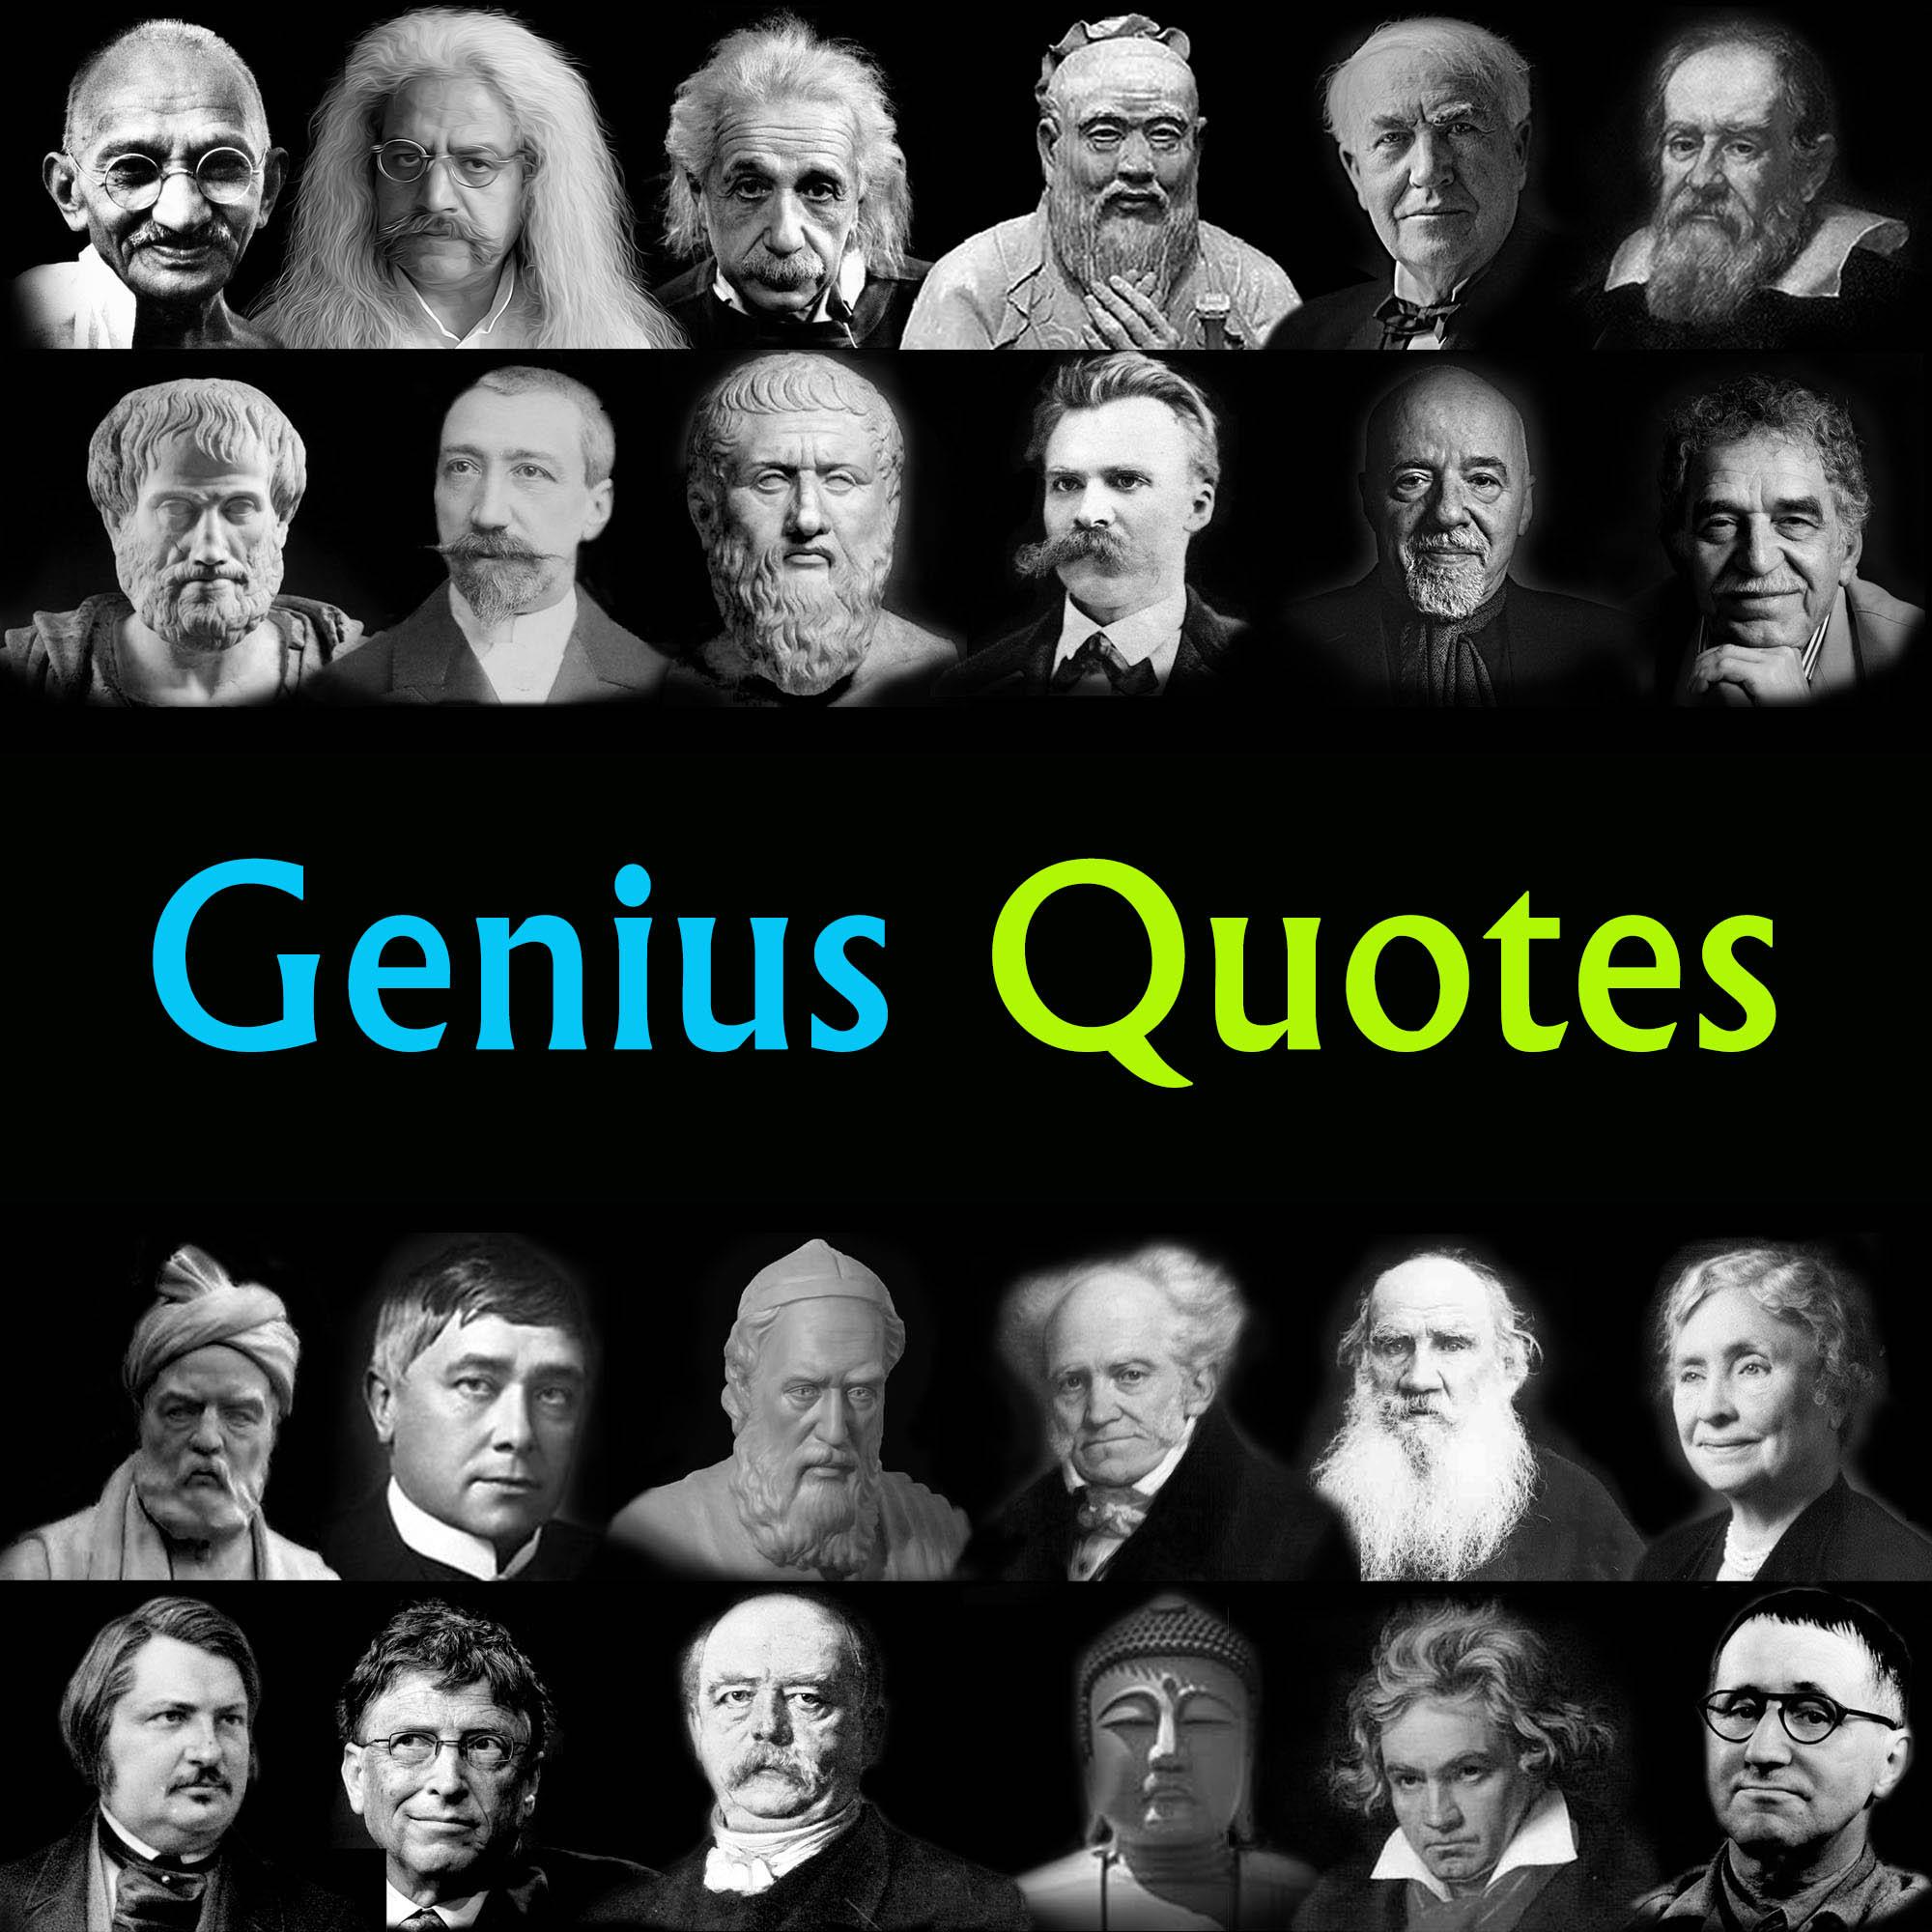 عکس سخنان فلاسفه و بزرگان ، عکس دانشمندان ، عکس روانشناسان ، عکس جامعه شناسان ، عکس مشاهیر و عکس چهره های ماندگار ,عکسنوشته سخنان بزرگان  ,جملات و سخنان زیبا ,عکس سخنان بزرگان , عکس جملات زیبا ,عکسنوشته مشاهیر